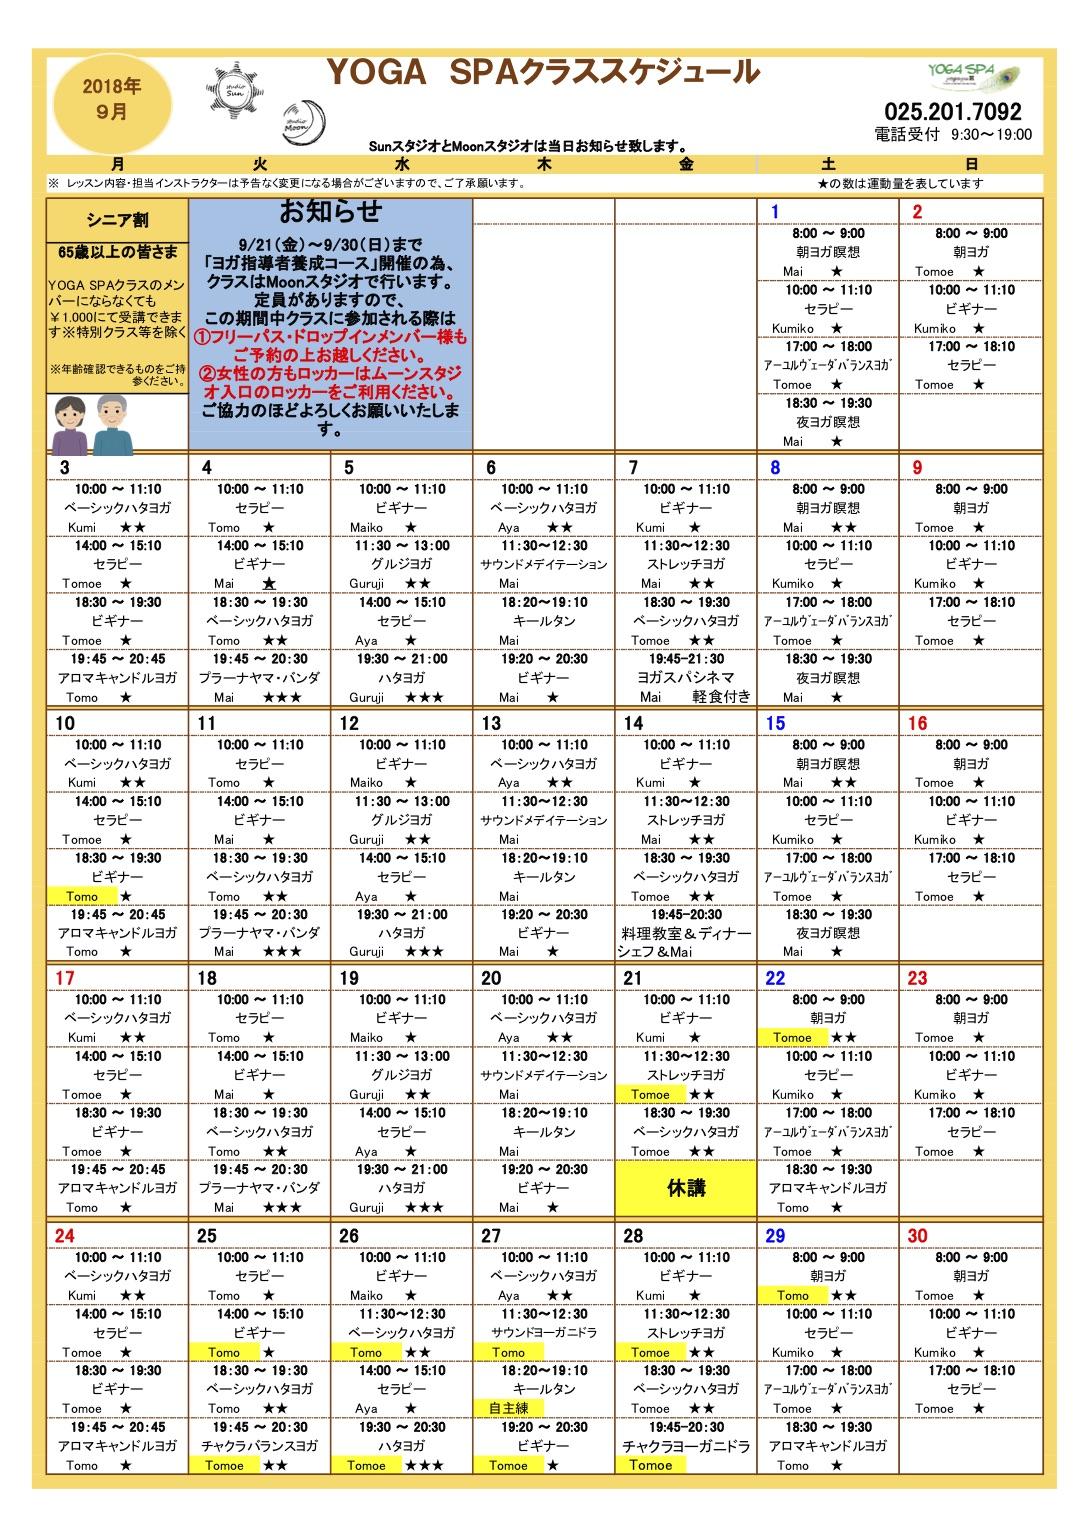 9月スケジュール表